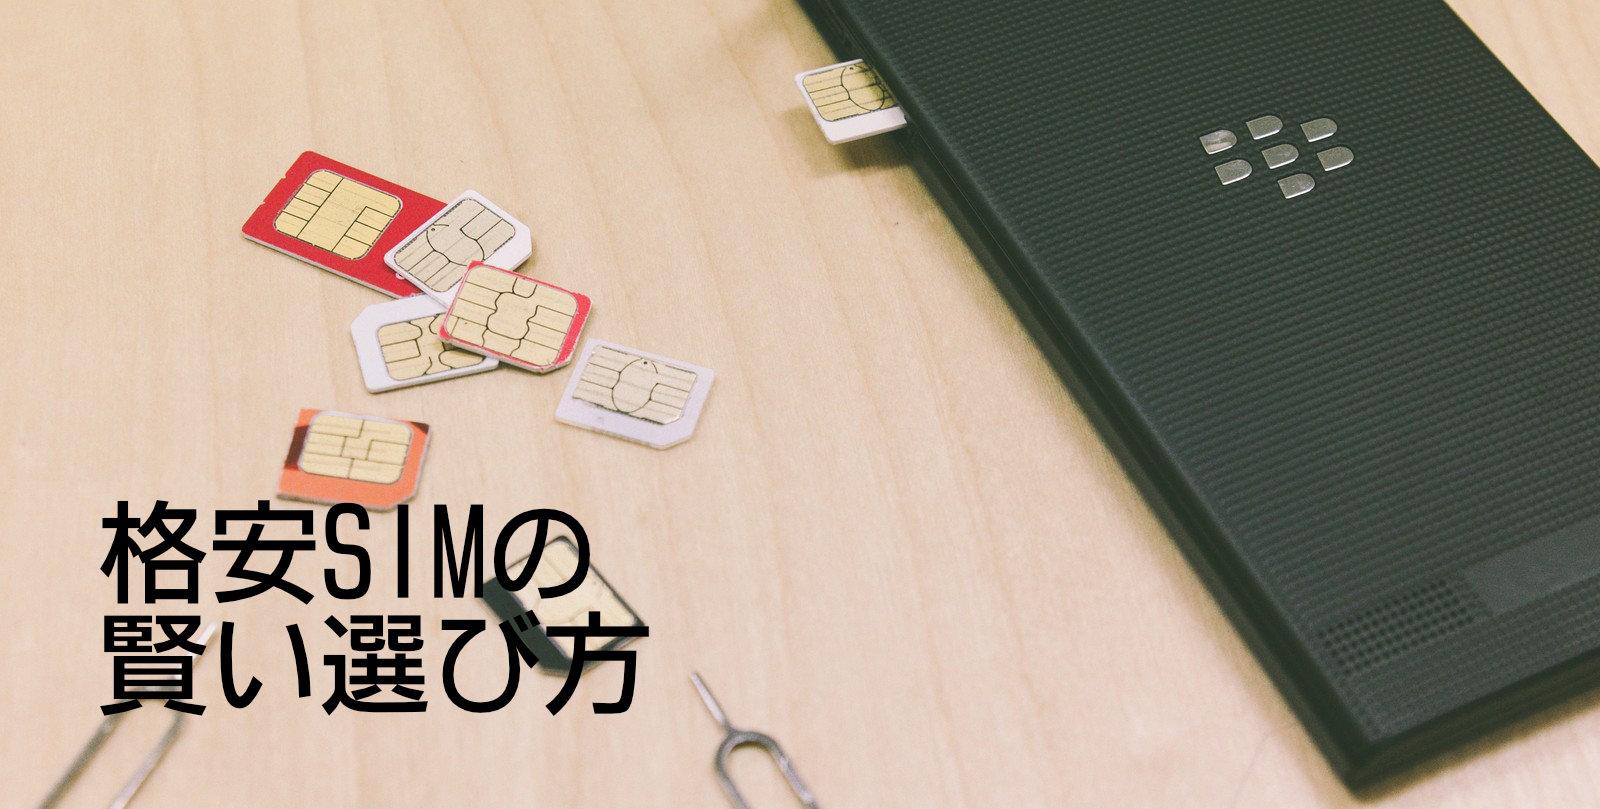 格安SIM(MVNO)の賢い選び方